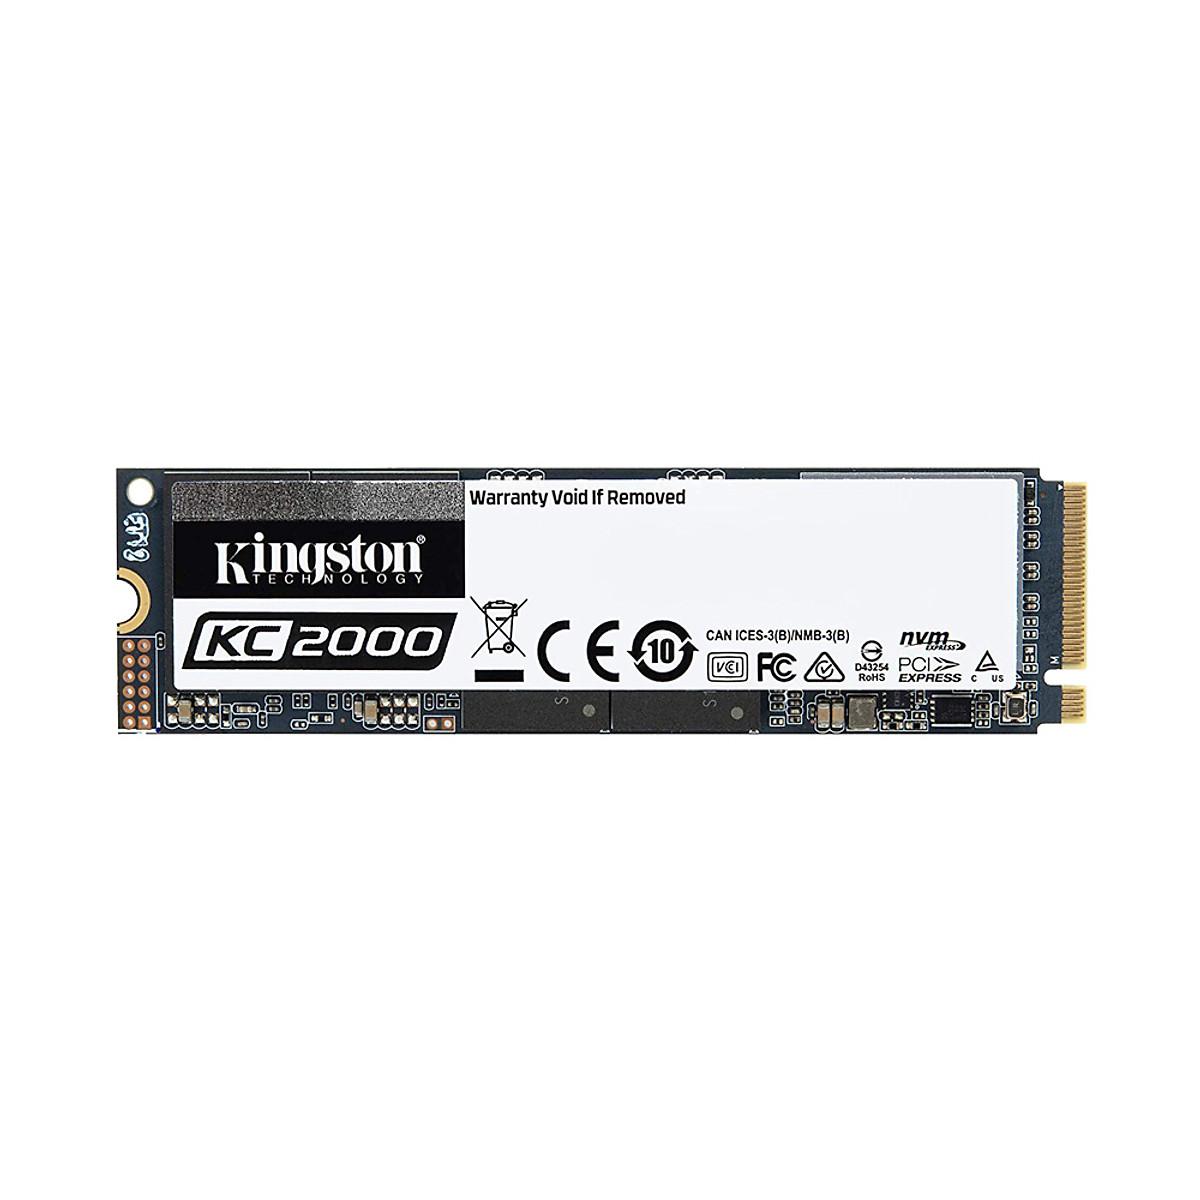 Ổ cứng SSD Kingston KC2000 M.2 PCIe Gen3 x4 NVMe 250GB SKC2000M8/250G – Hàng Chính Hãng